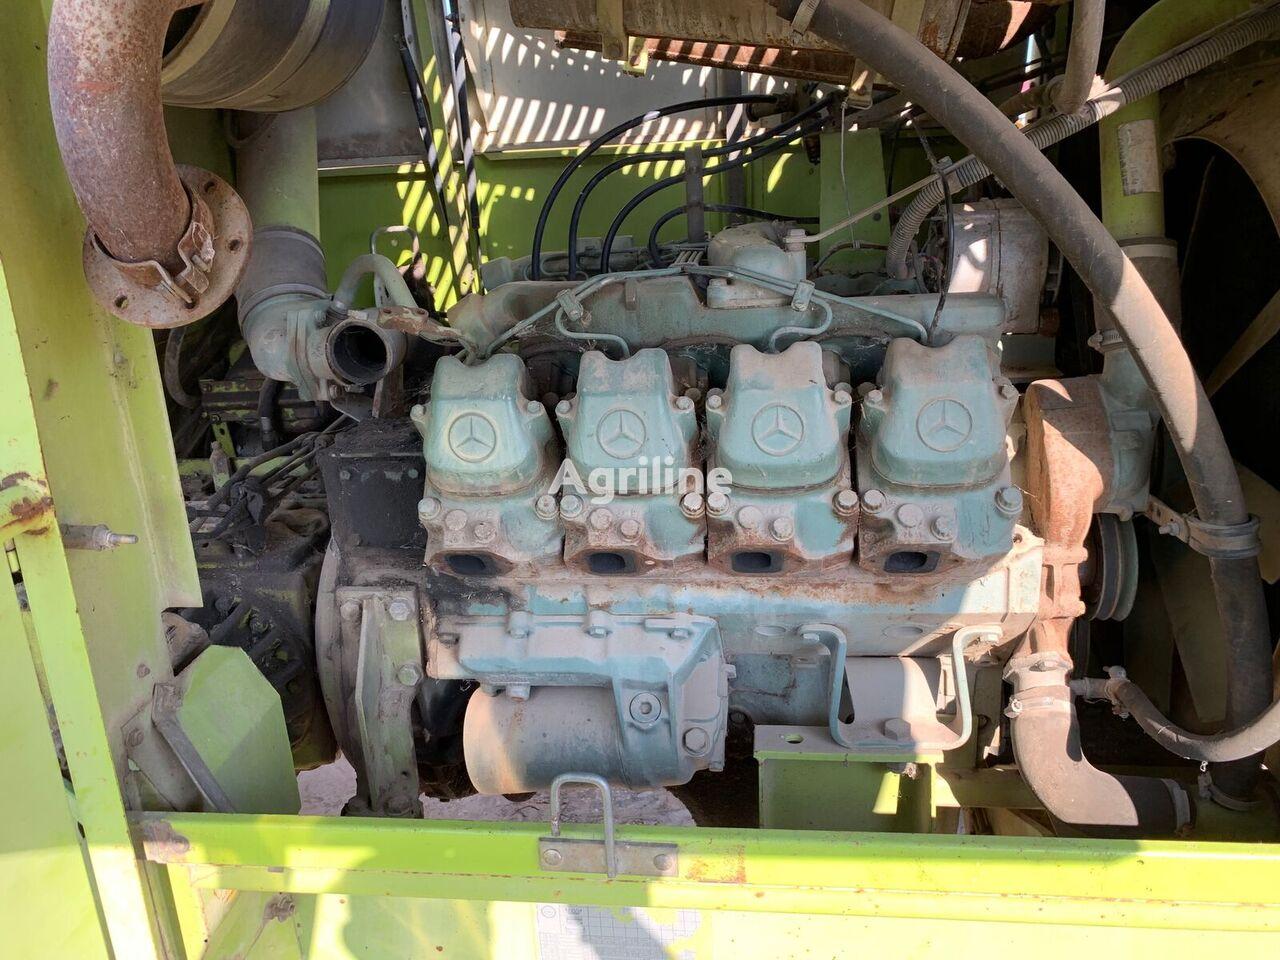 MERCEDES-BENZ OM442 engine for CLAAS JAGUAR 695  grain harvester